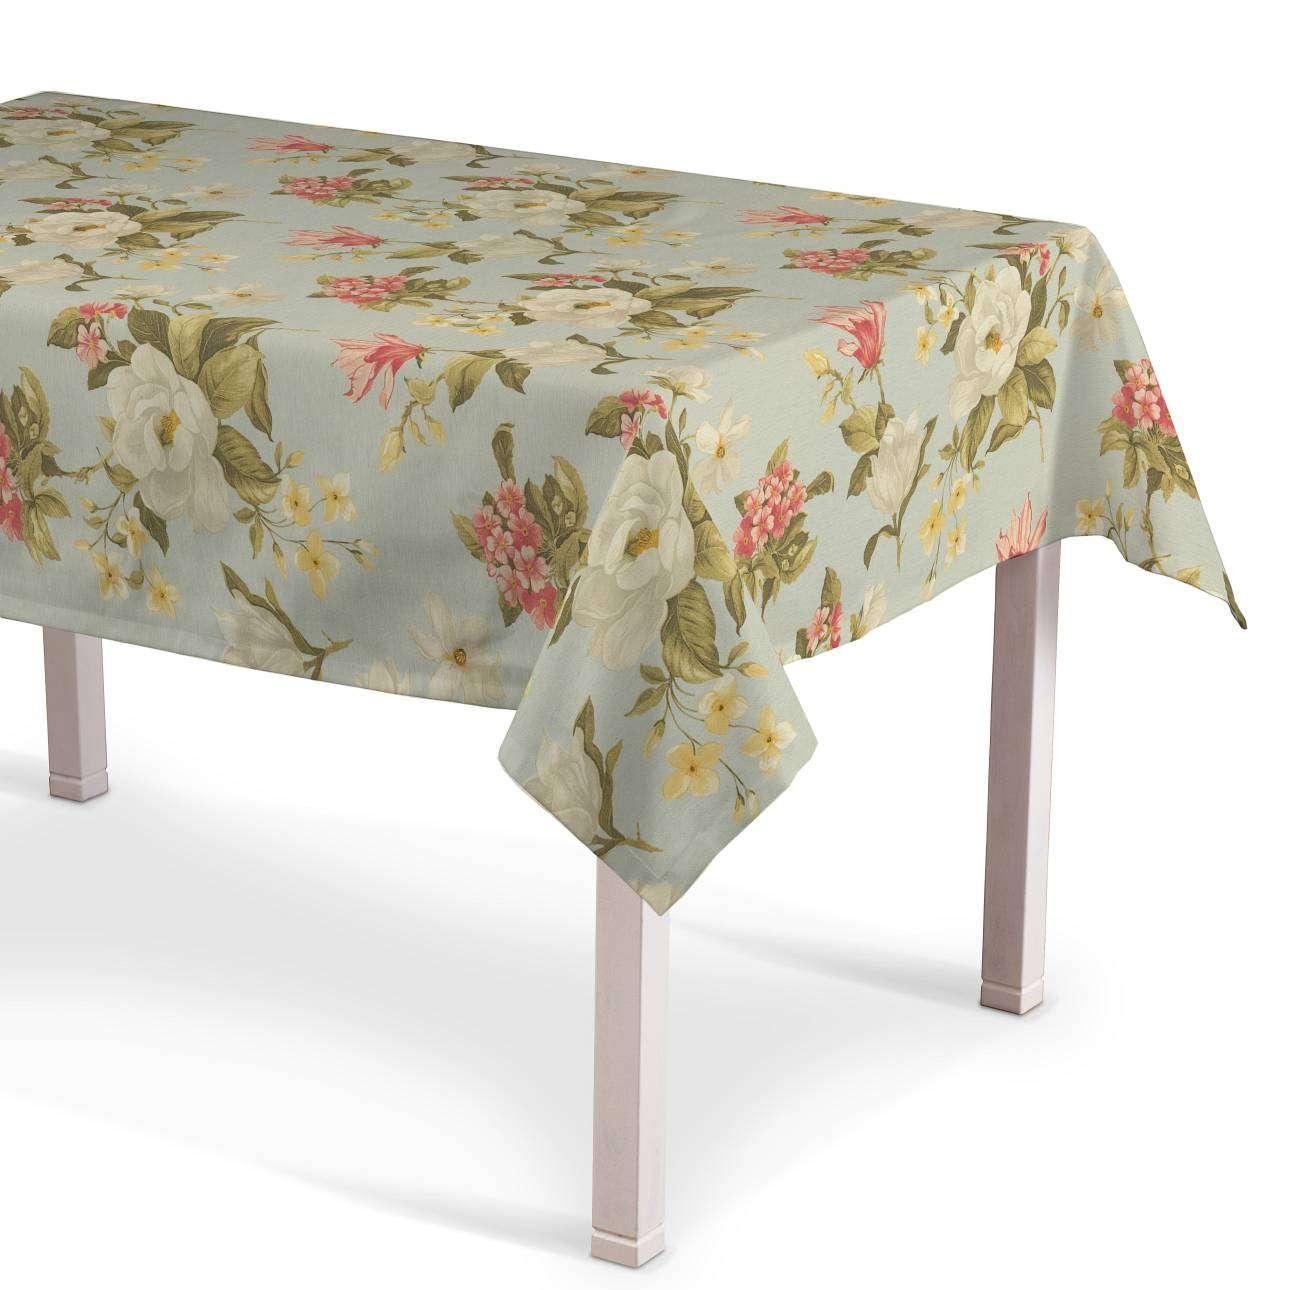 Rechteckige Tischdecke, helllblau, 130 × 160 cm, Londres | Heimtextilien > Tischdecken und Co > Tischdecken | Muster | Stoff | Dekoria